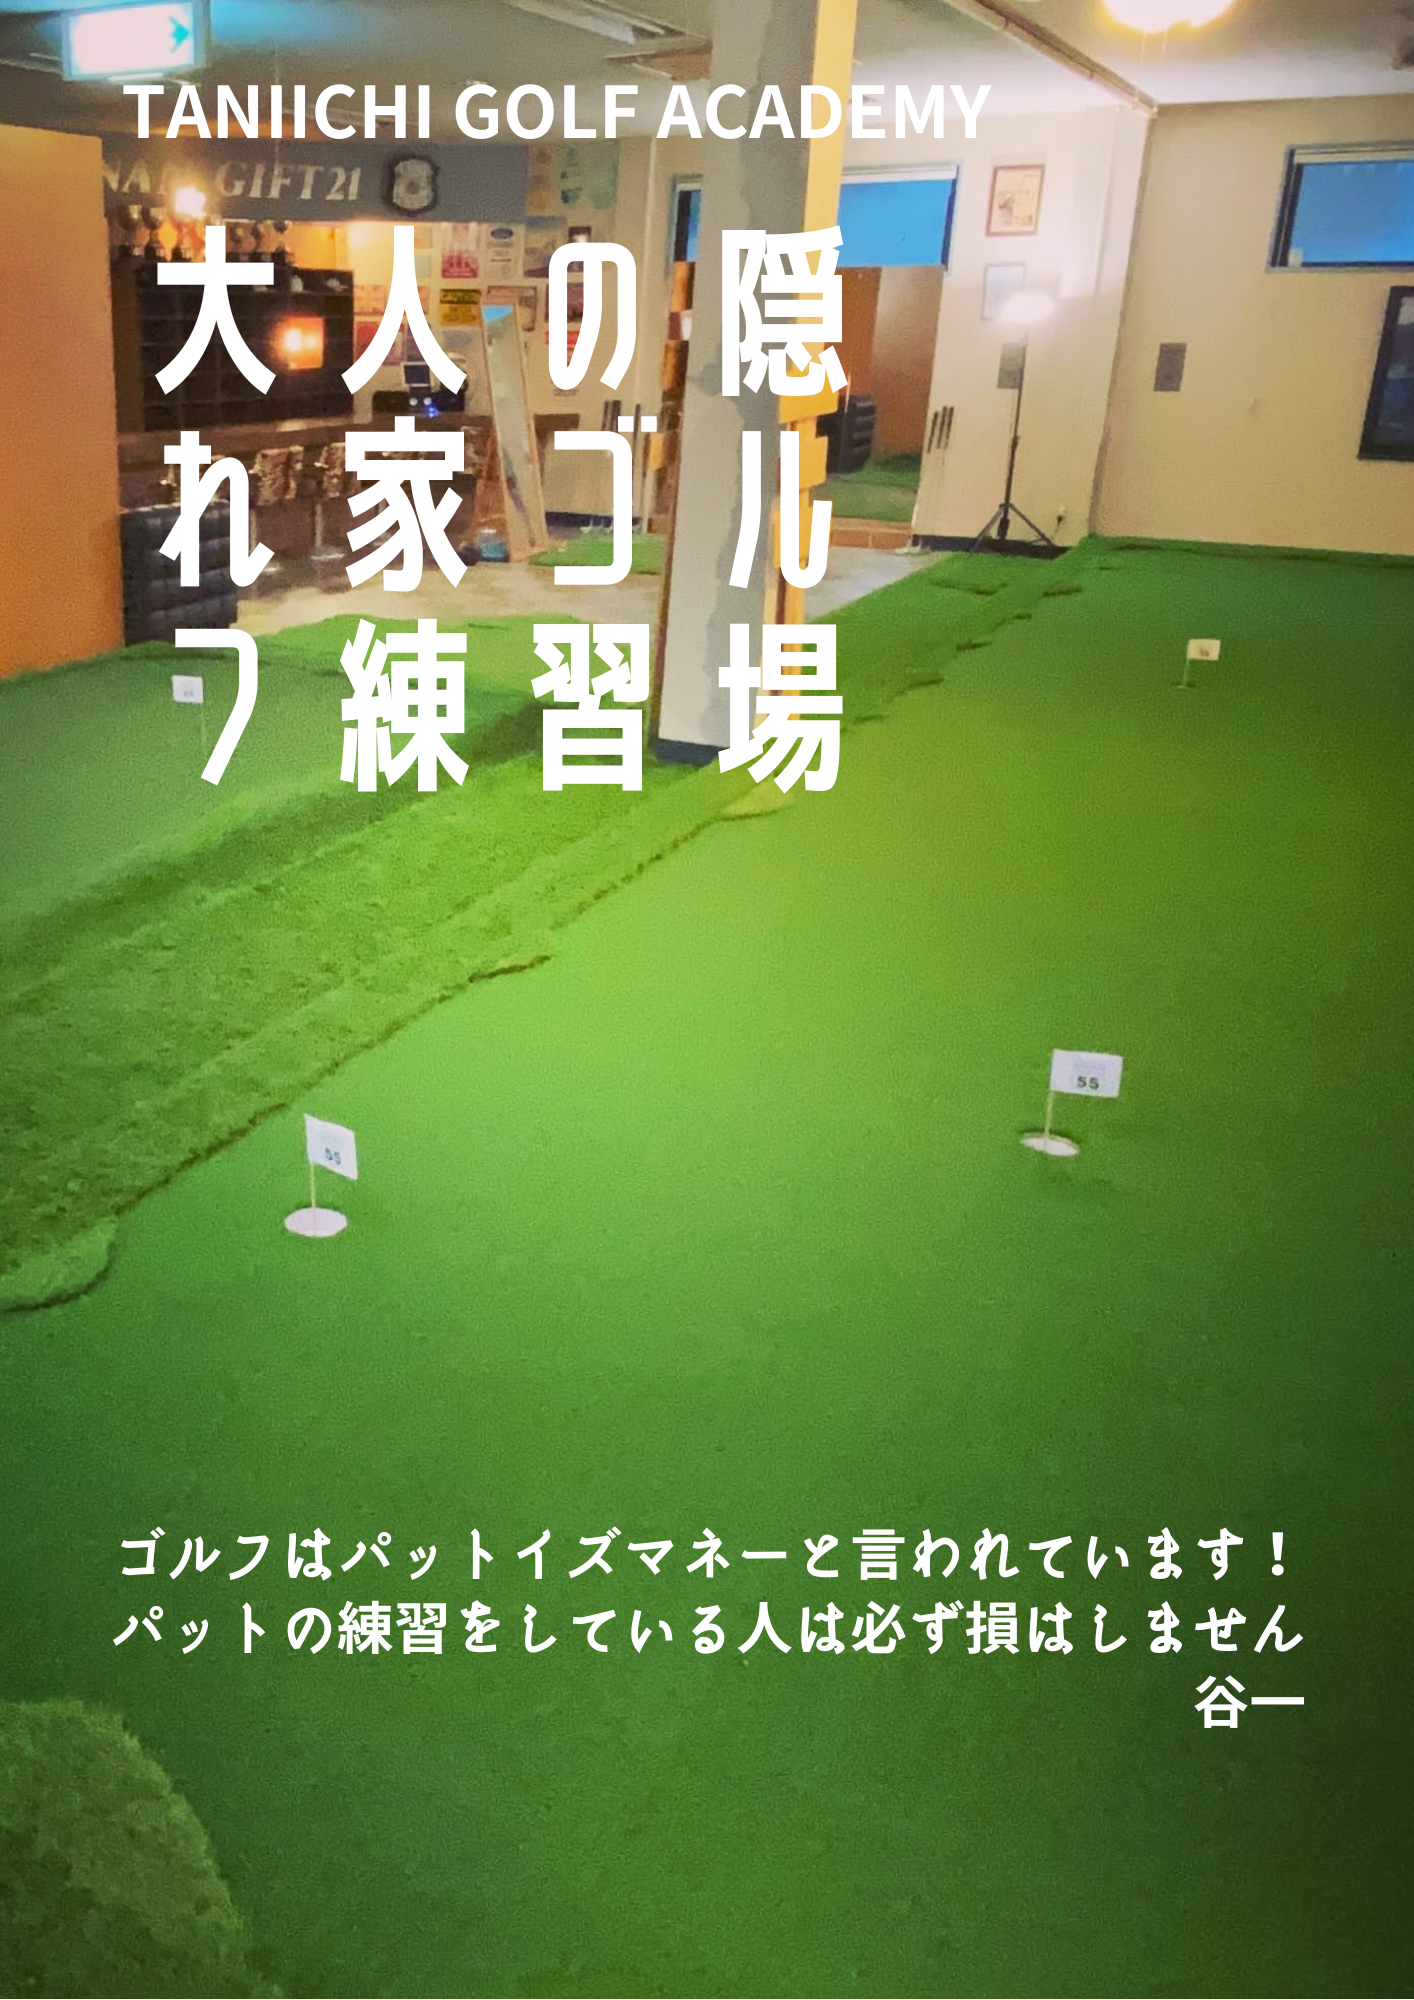 TANIICHI GOLF ACADEMYのホームページガできました